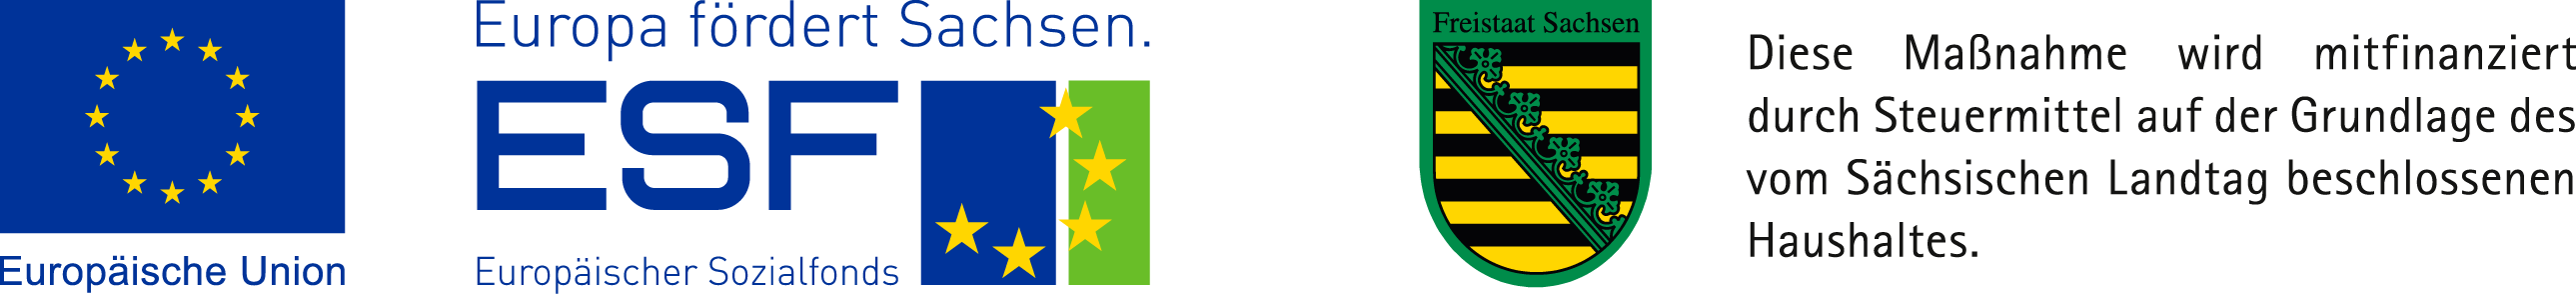 Logo Förderung ESF und Land Sachsen